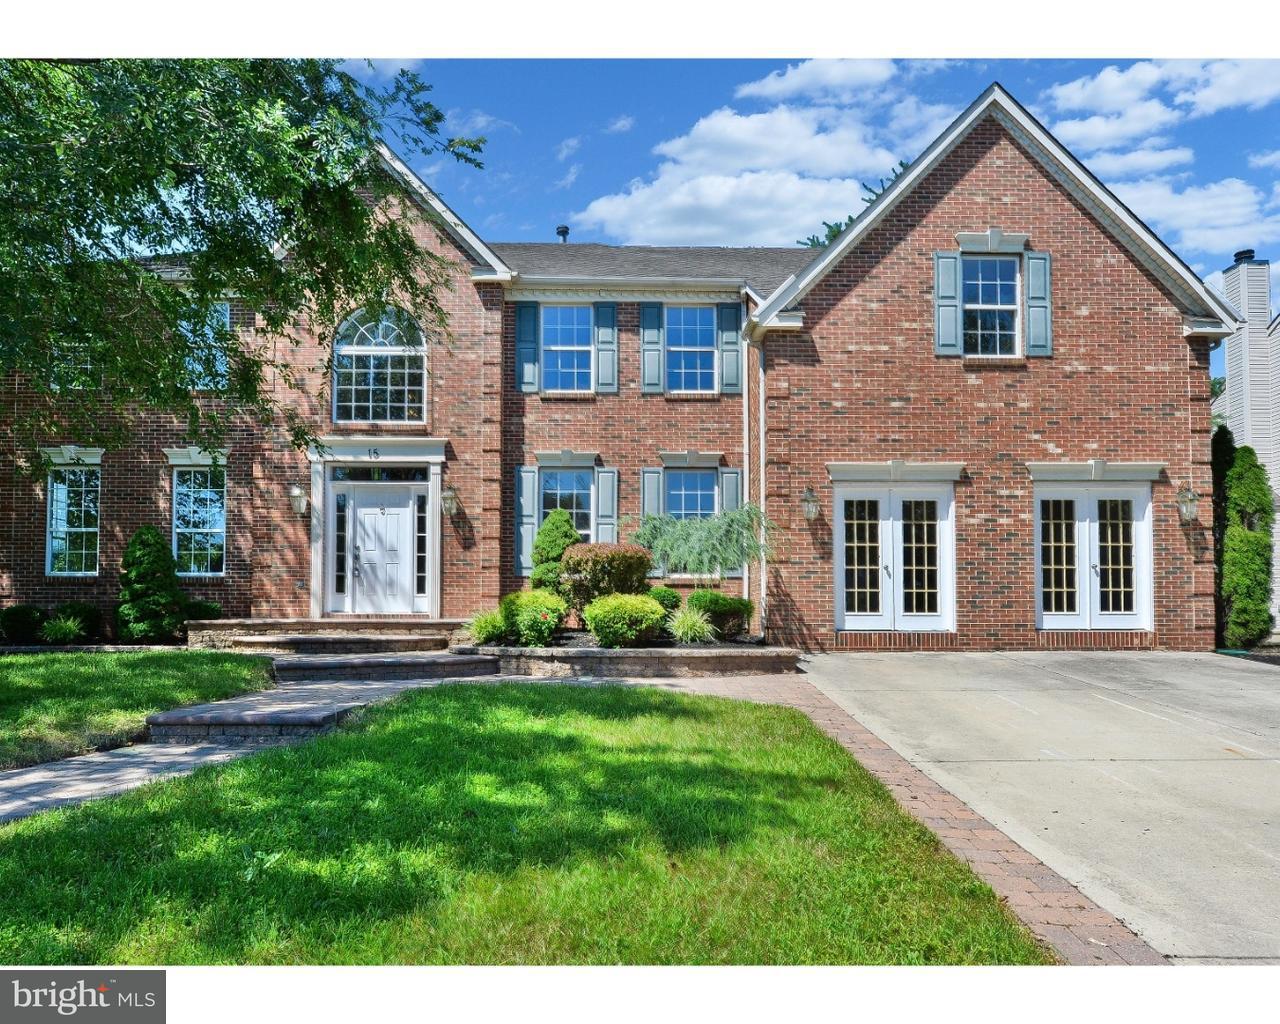 Maison unifamiliale pour l Vente à 15 BANCROFT Lane Hainesport, New Jersey 08036 États-Unis